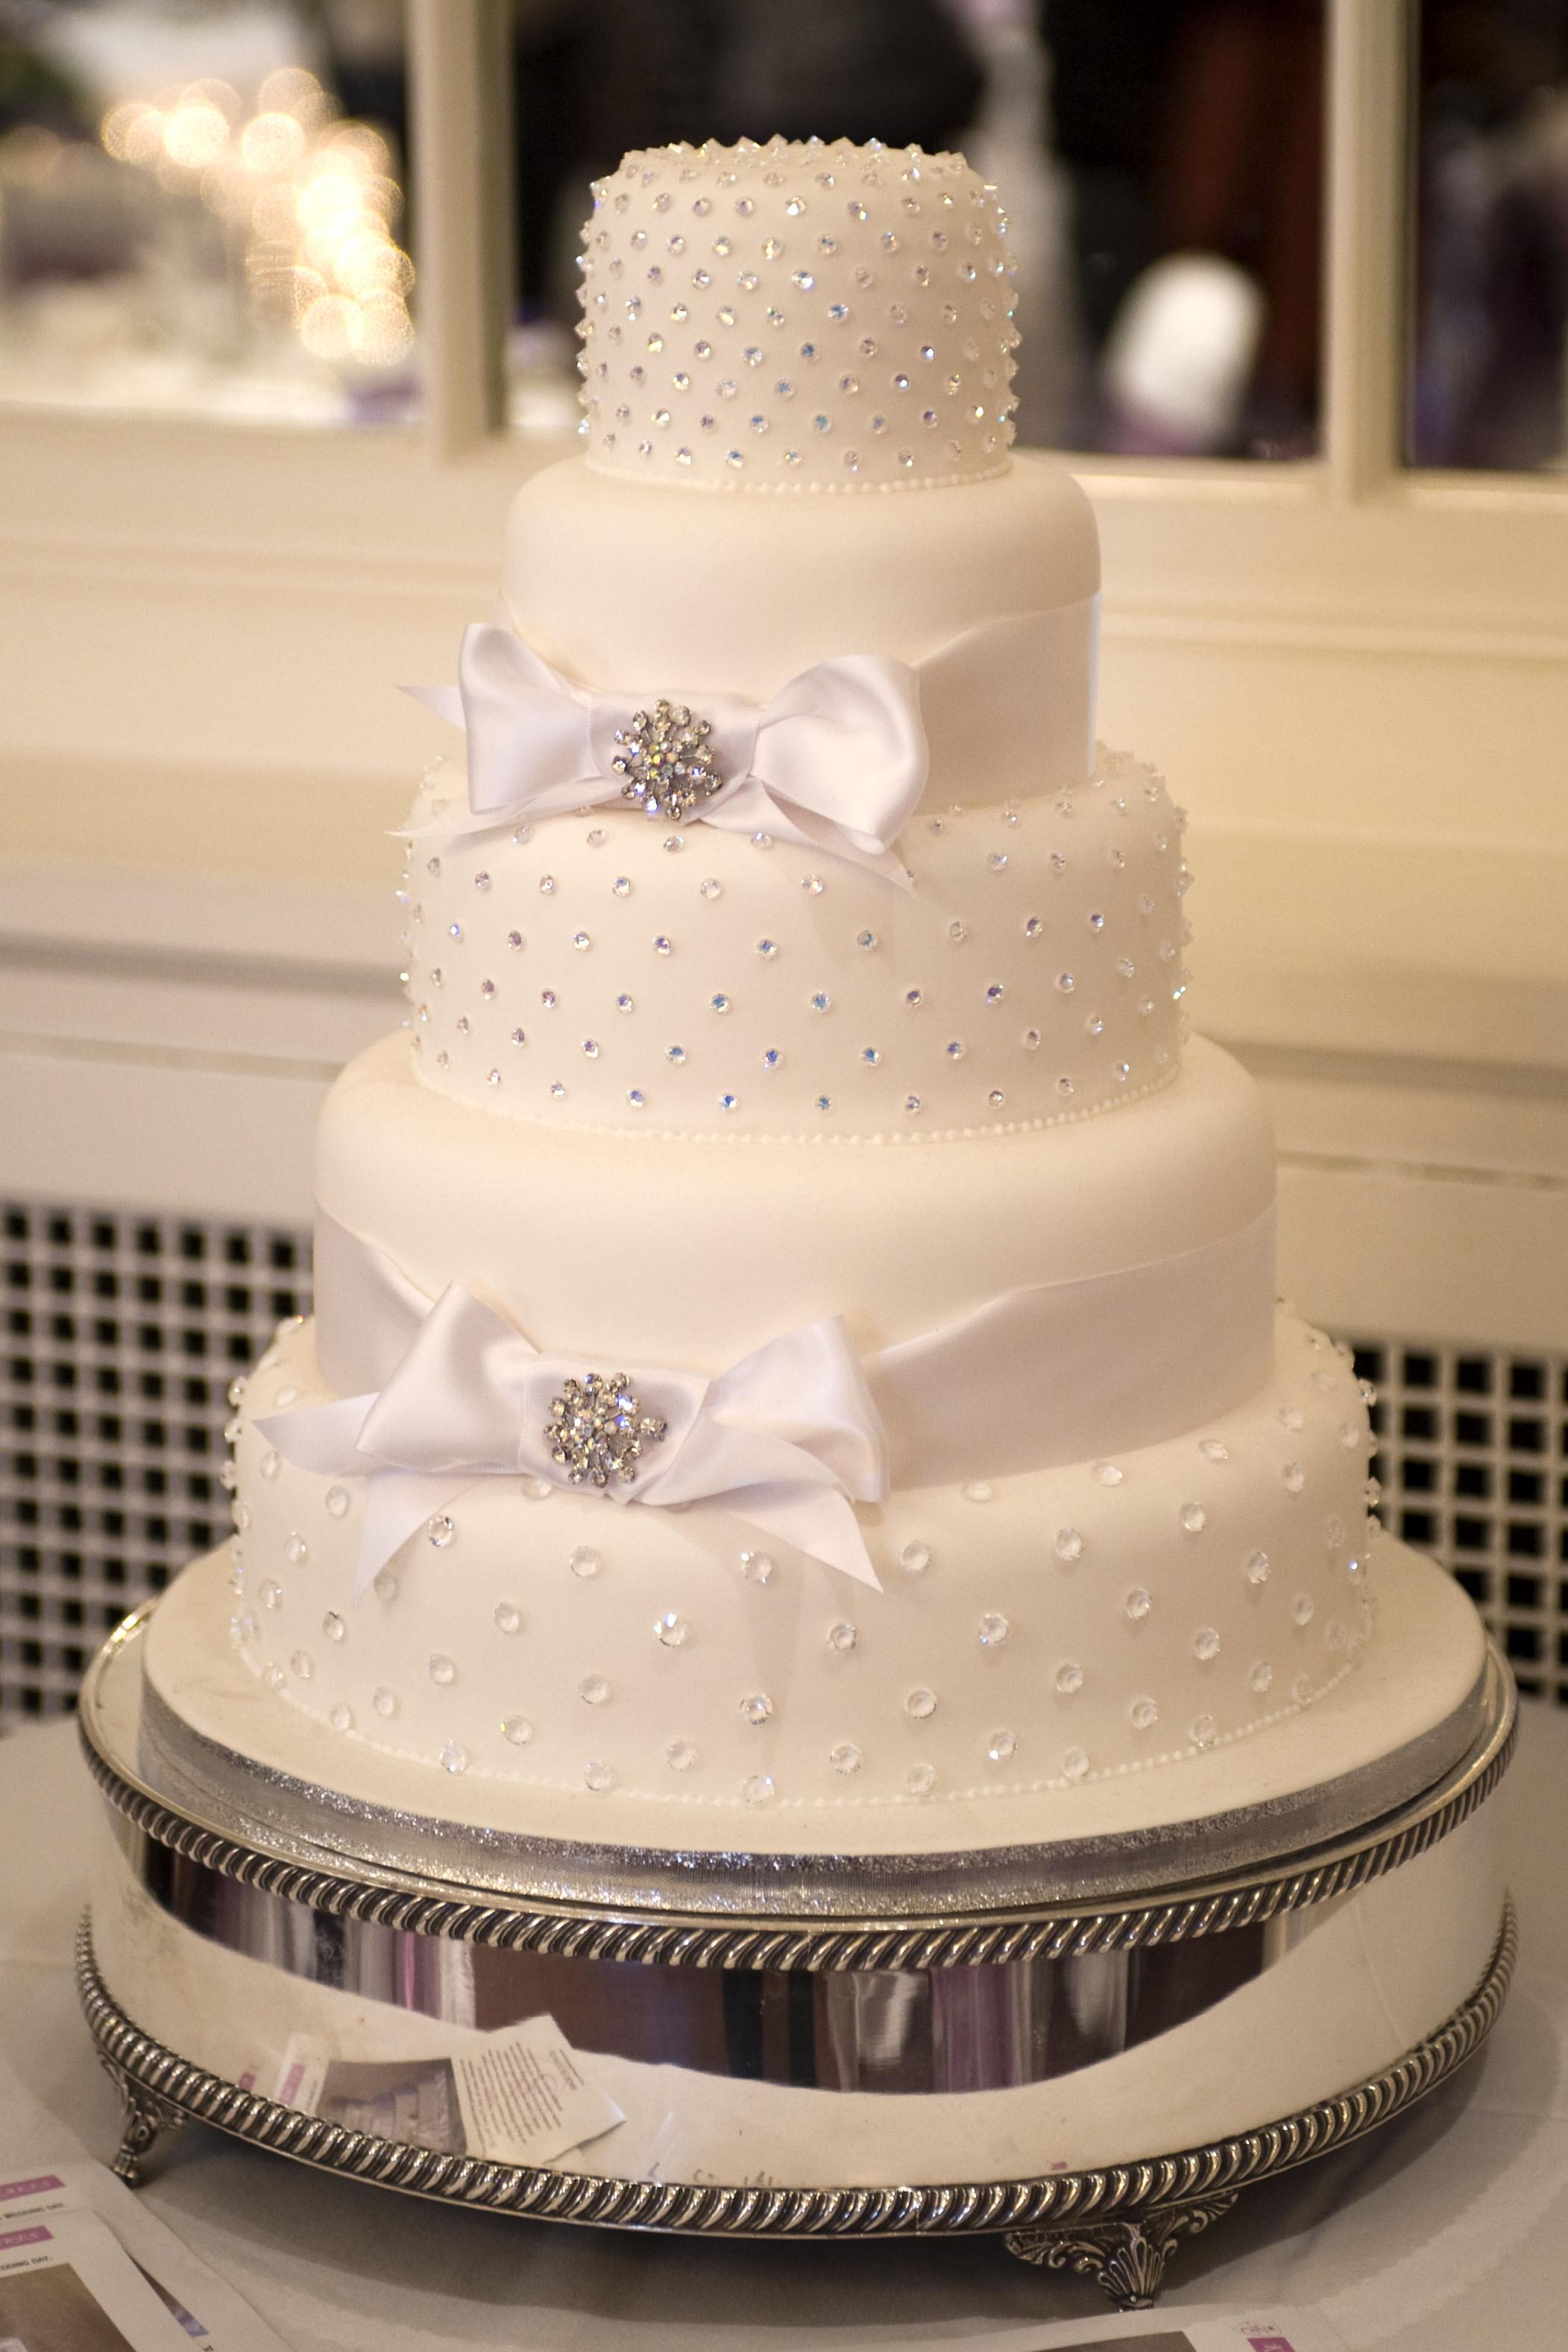 Wedding Cakes Decorations  Wedding Cake Inspiration Ideas